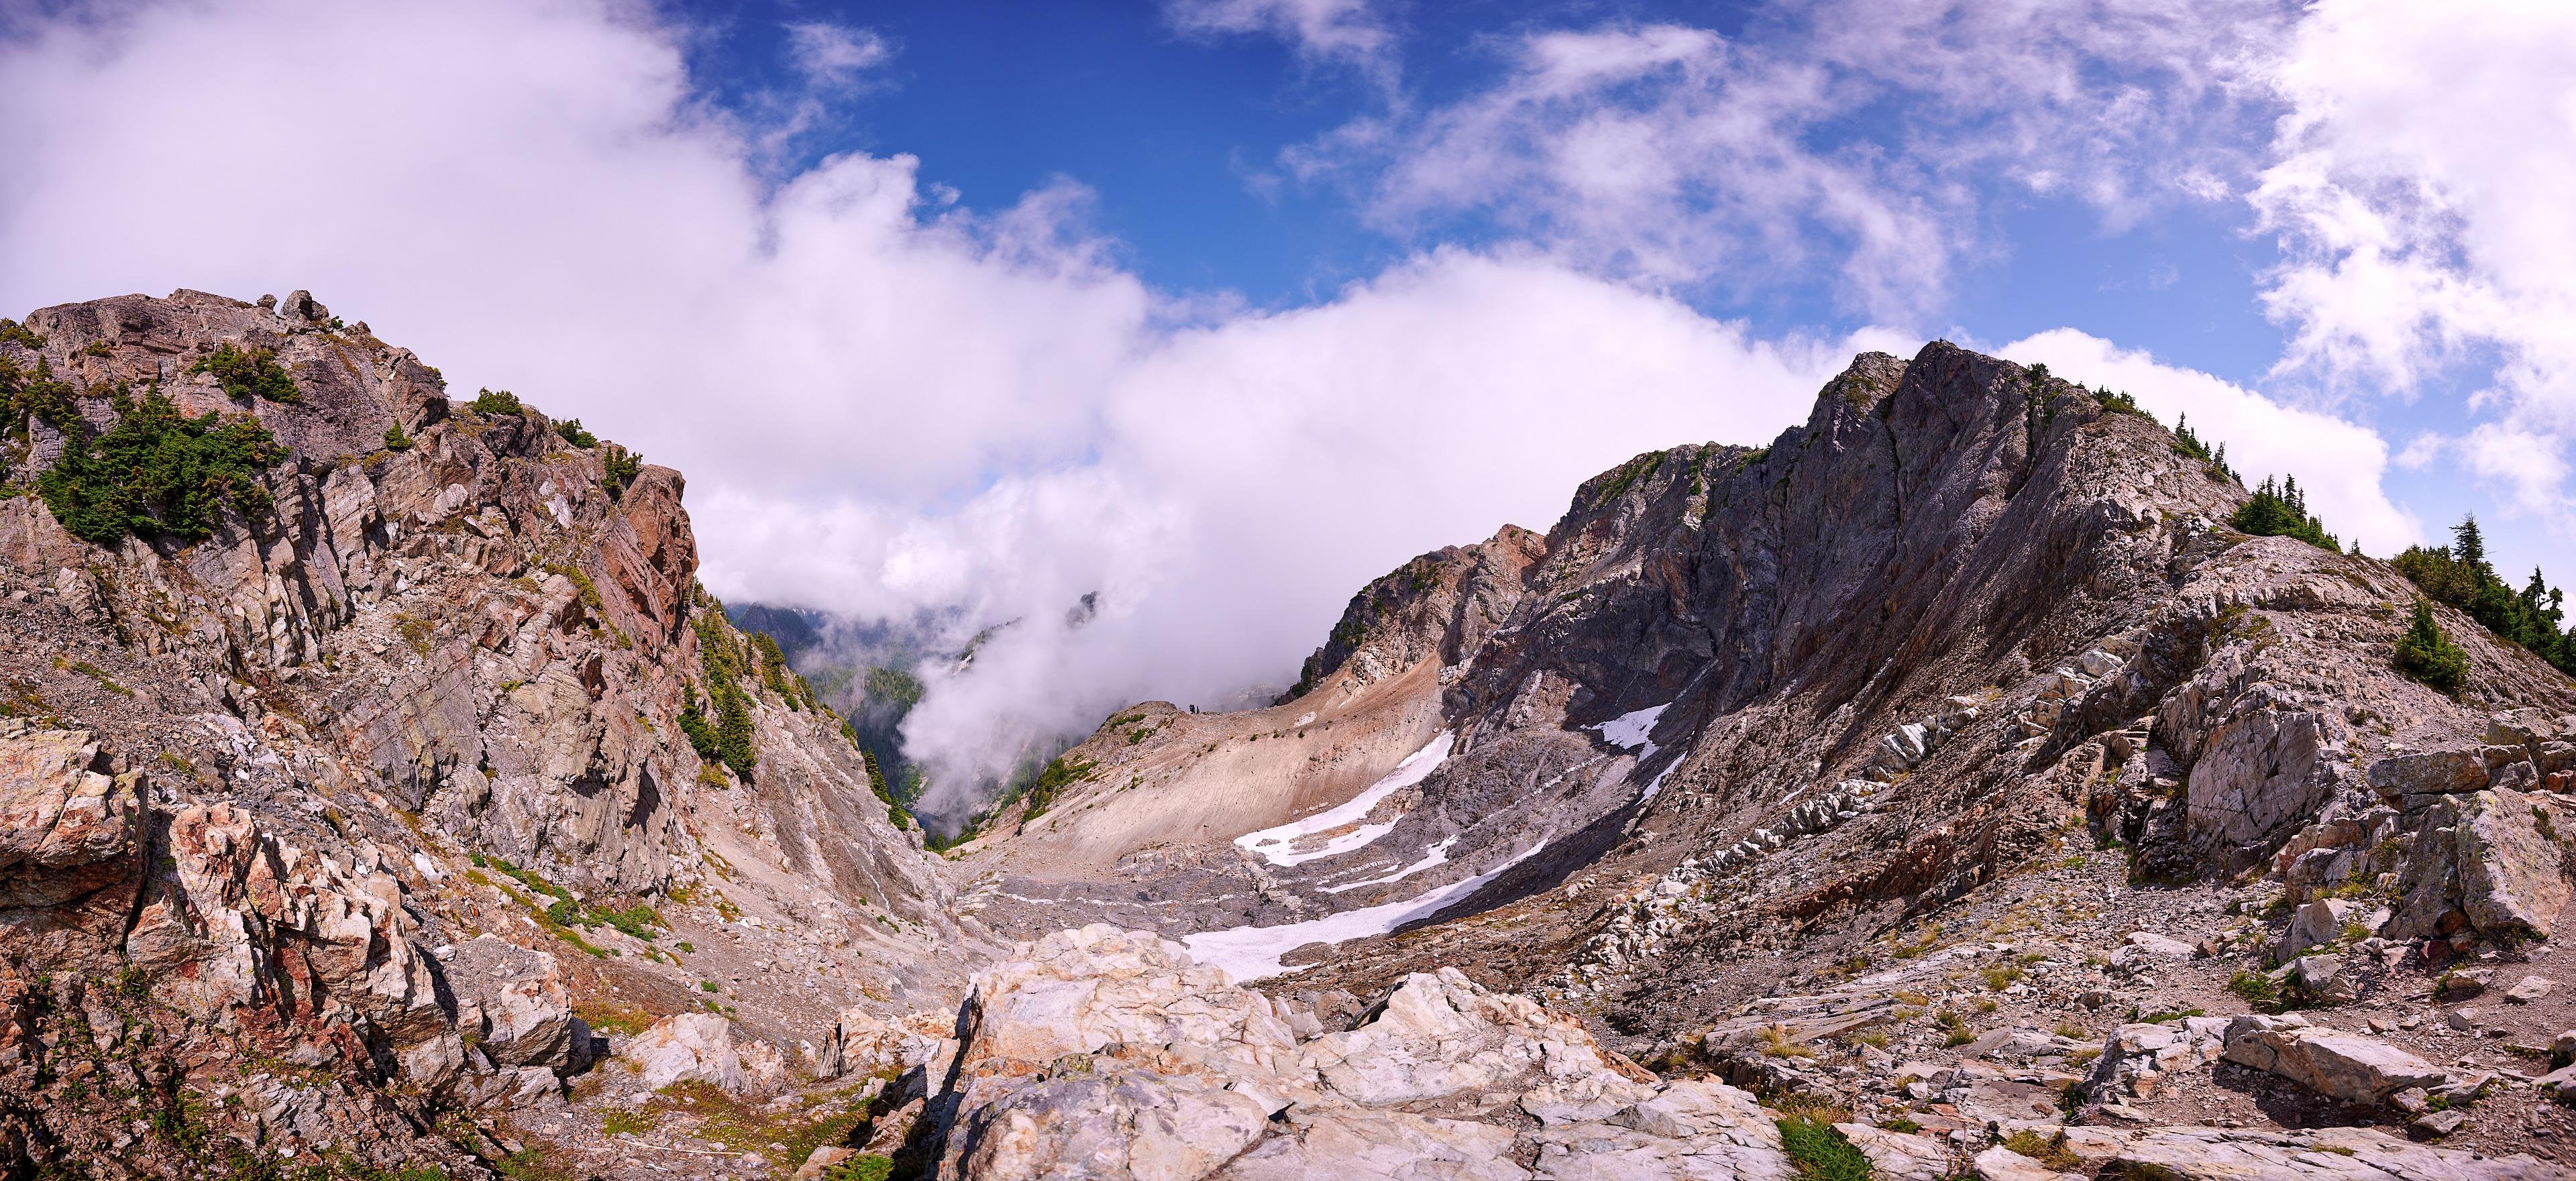 Hiking Brunswick Mountain 16